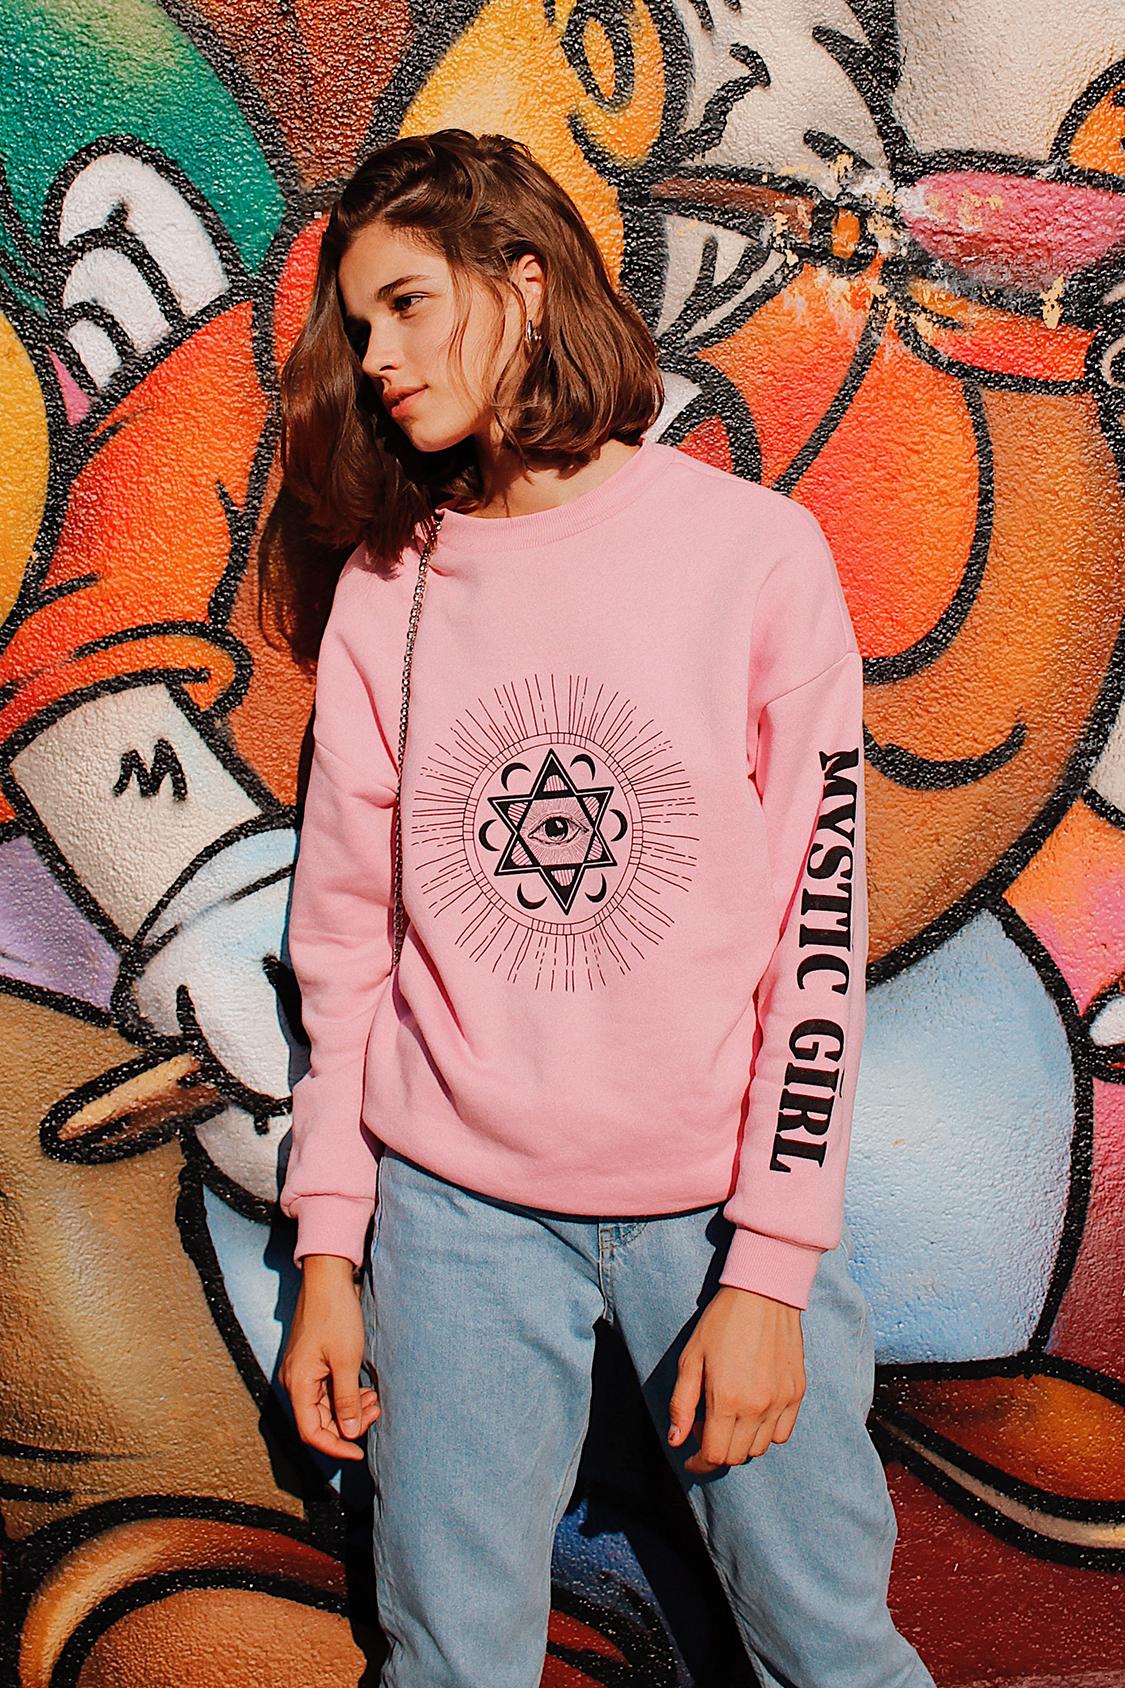 Mystic Girl printed sweatshirt